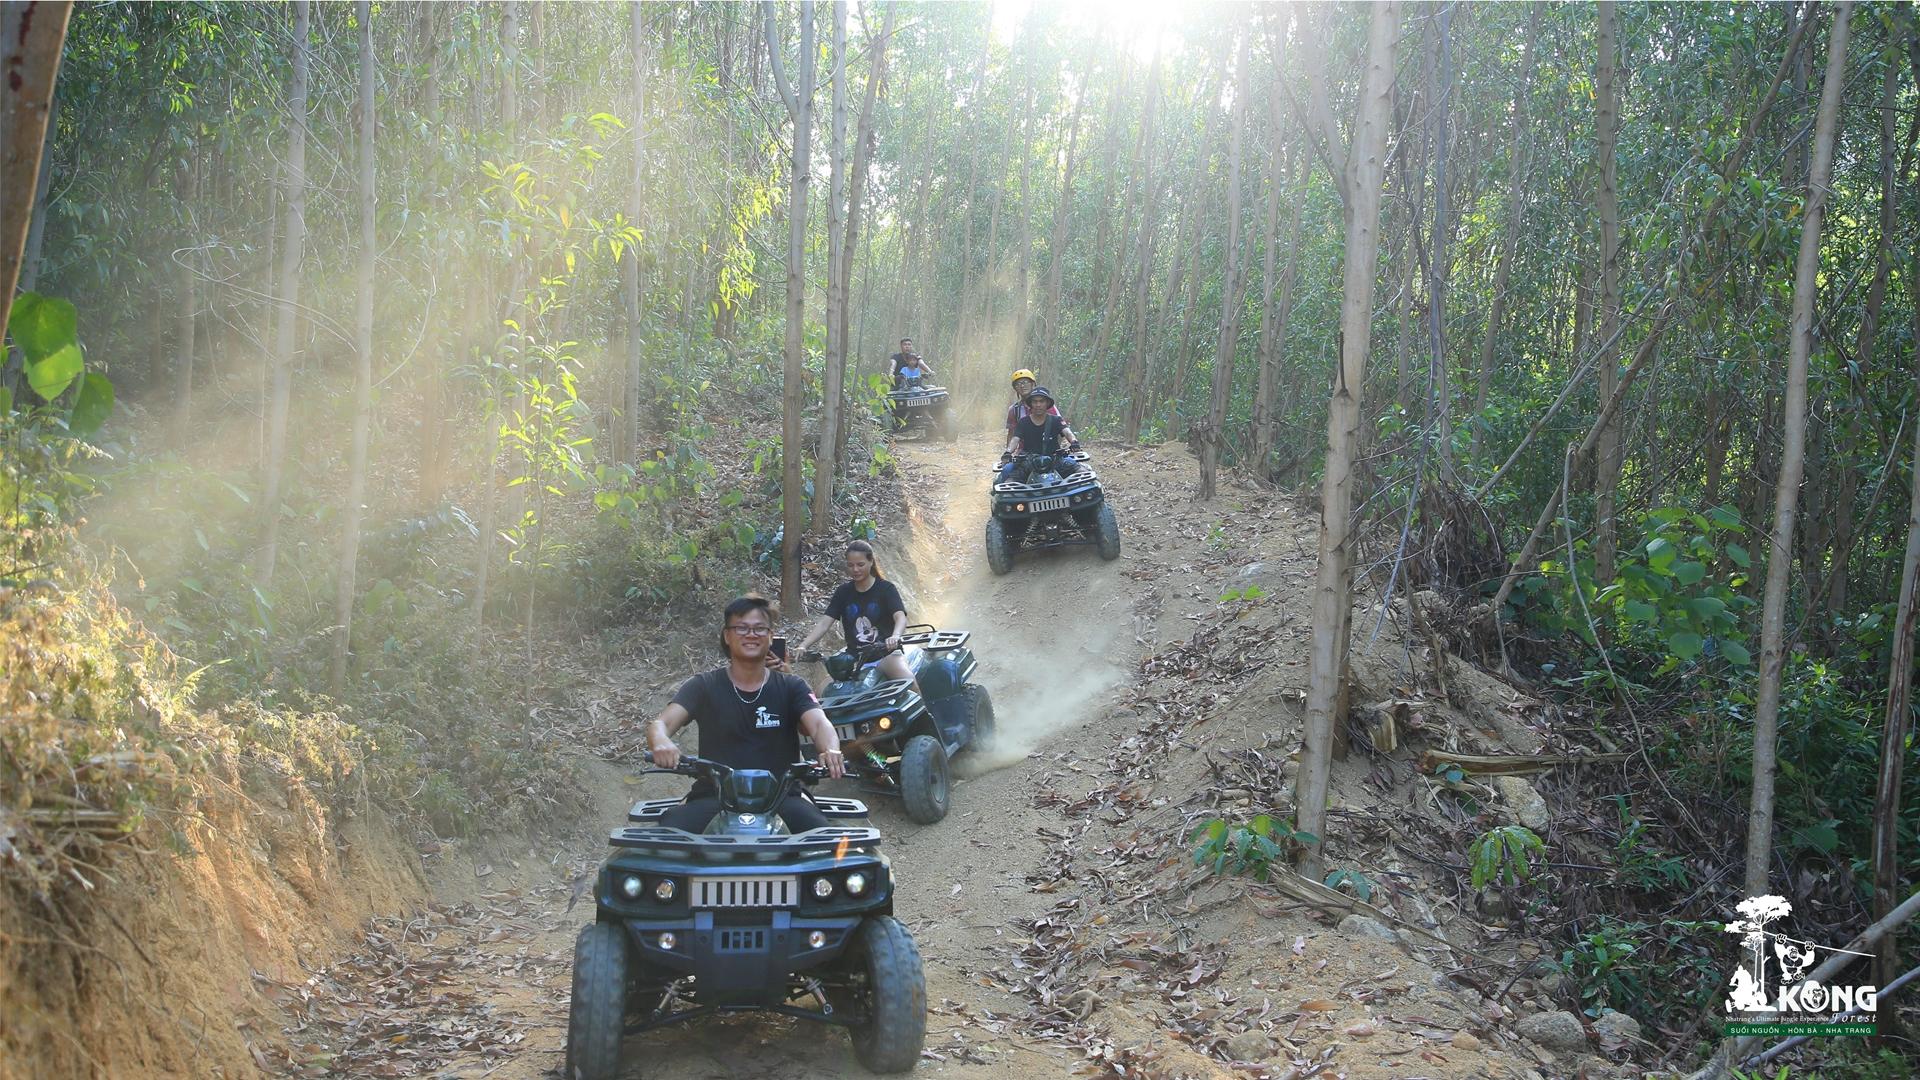 Slide-5-ATV